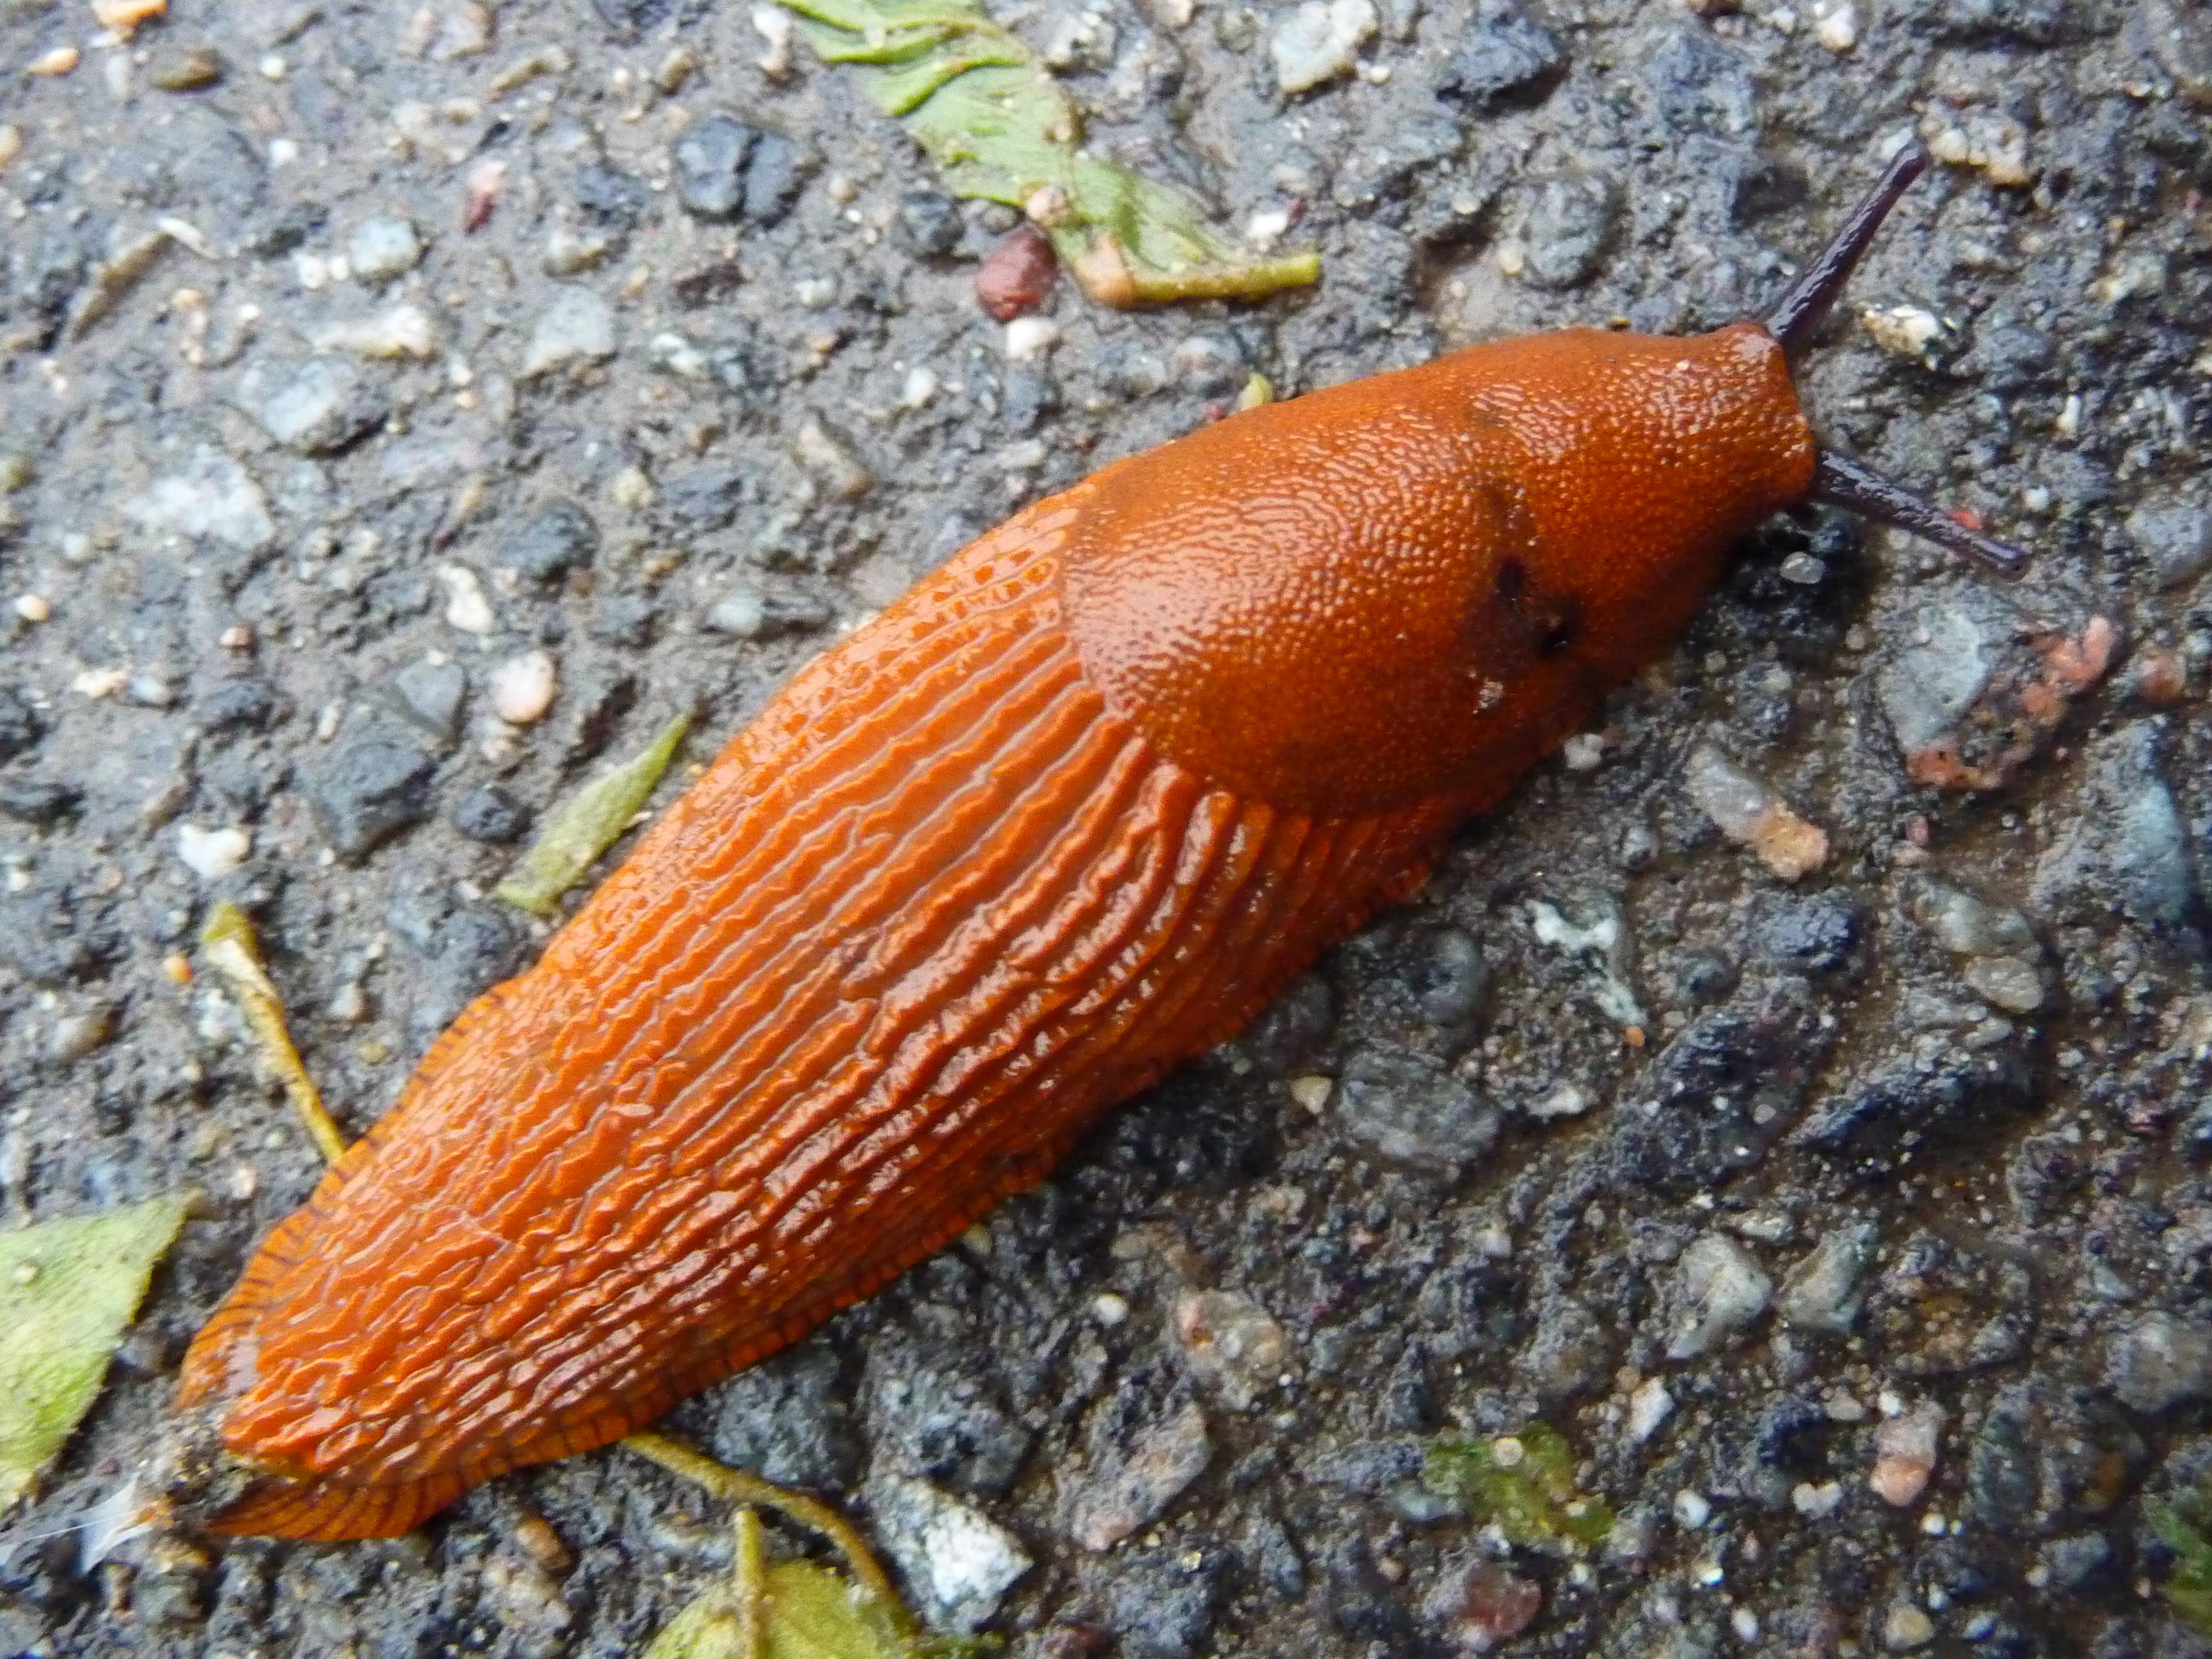 File:Red slug (Arion rufus).JPG.